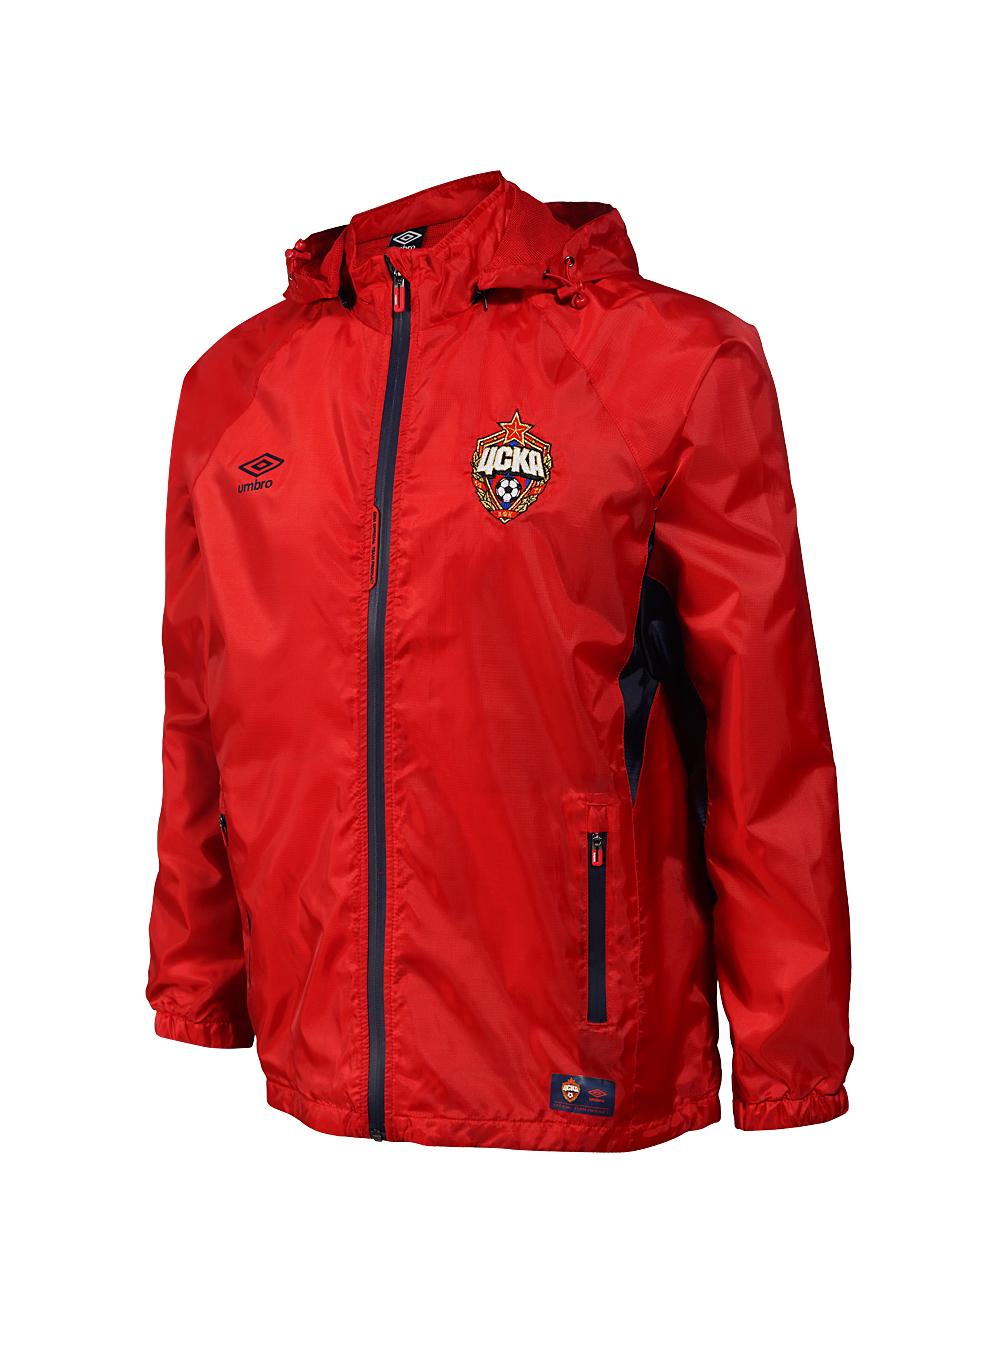 Купить Куртка ветрозащитная красная (XS) по Нижнему Новгороду